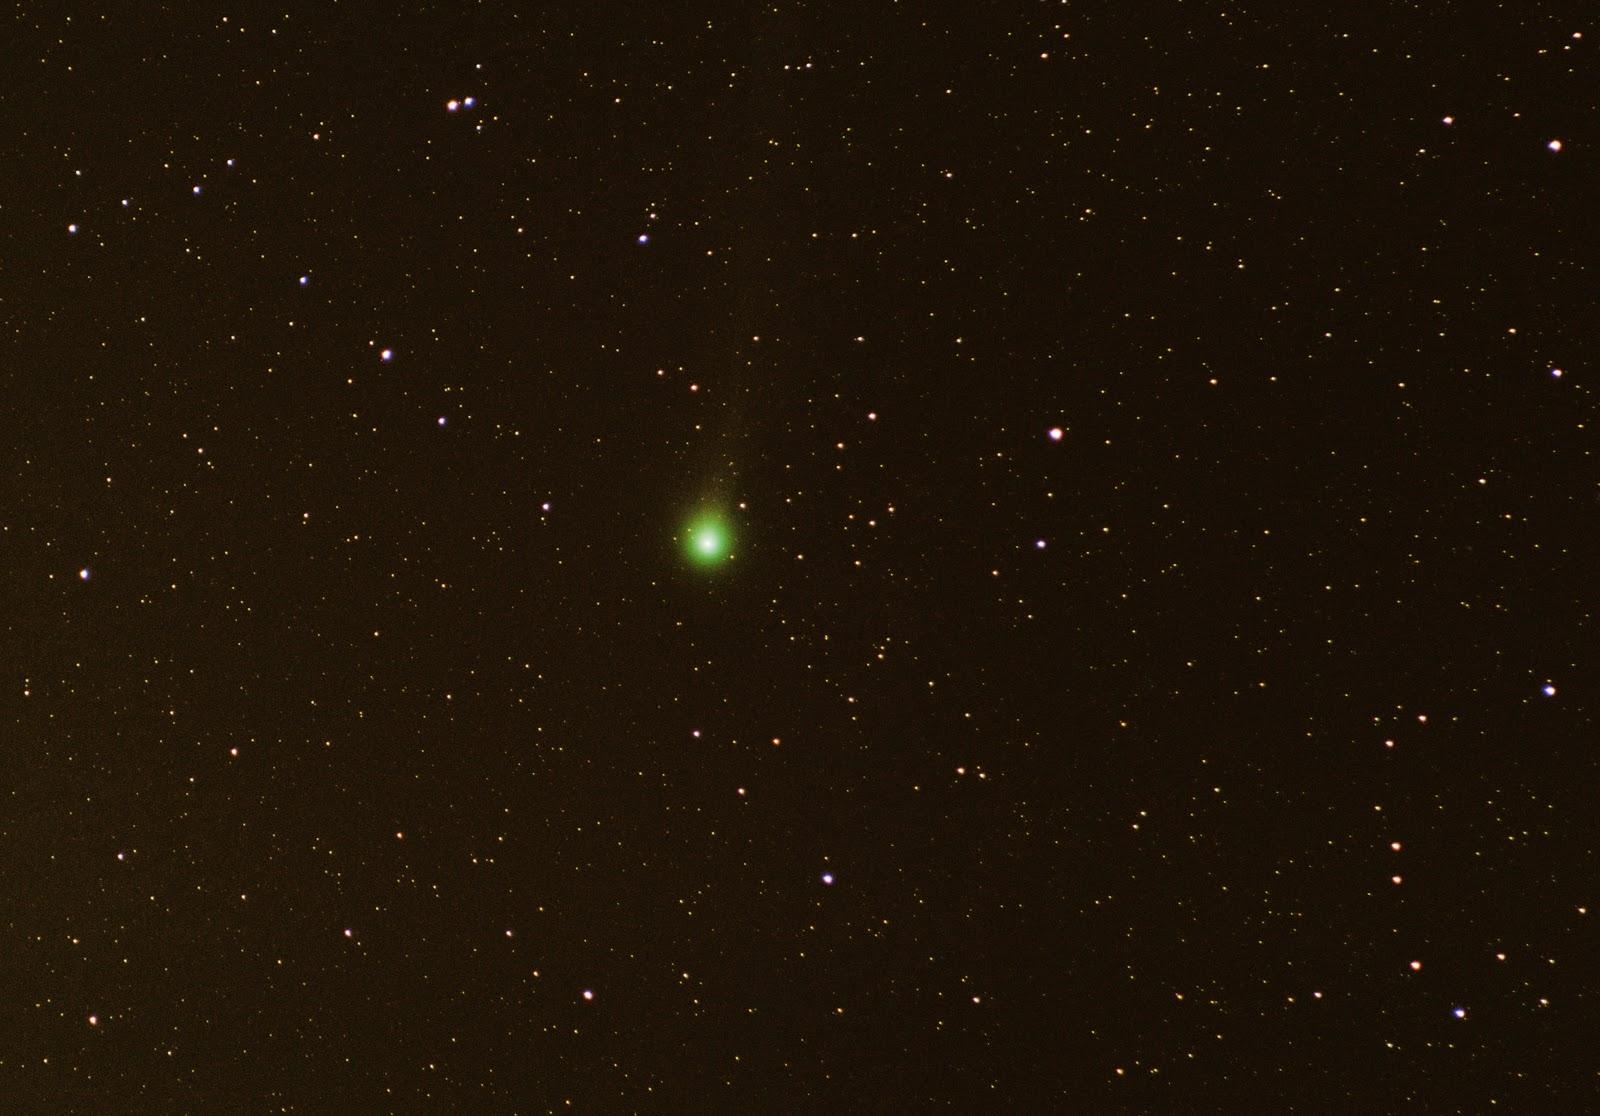 comet lovejoy DSLR 300mm